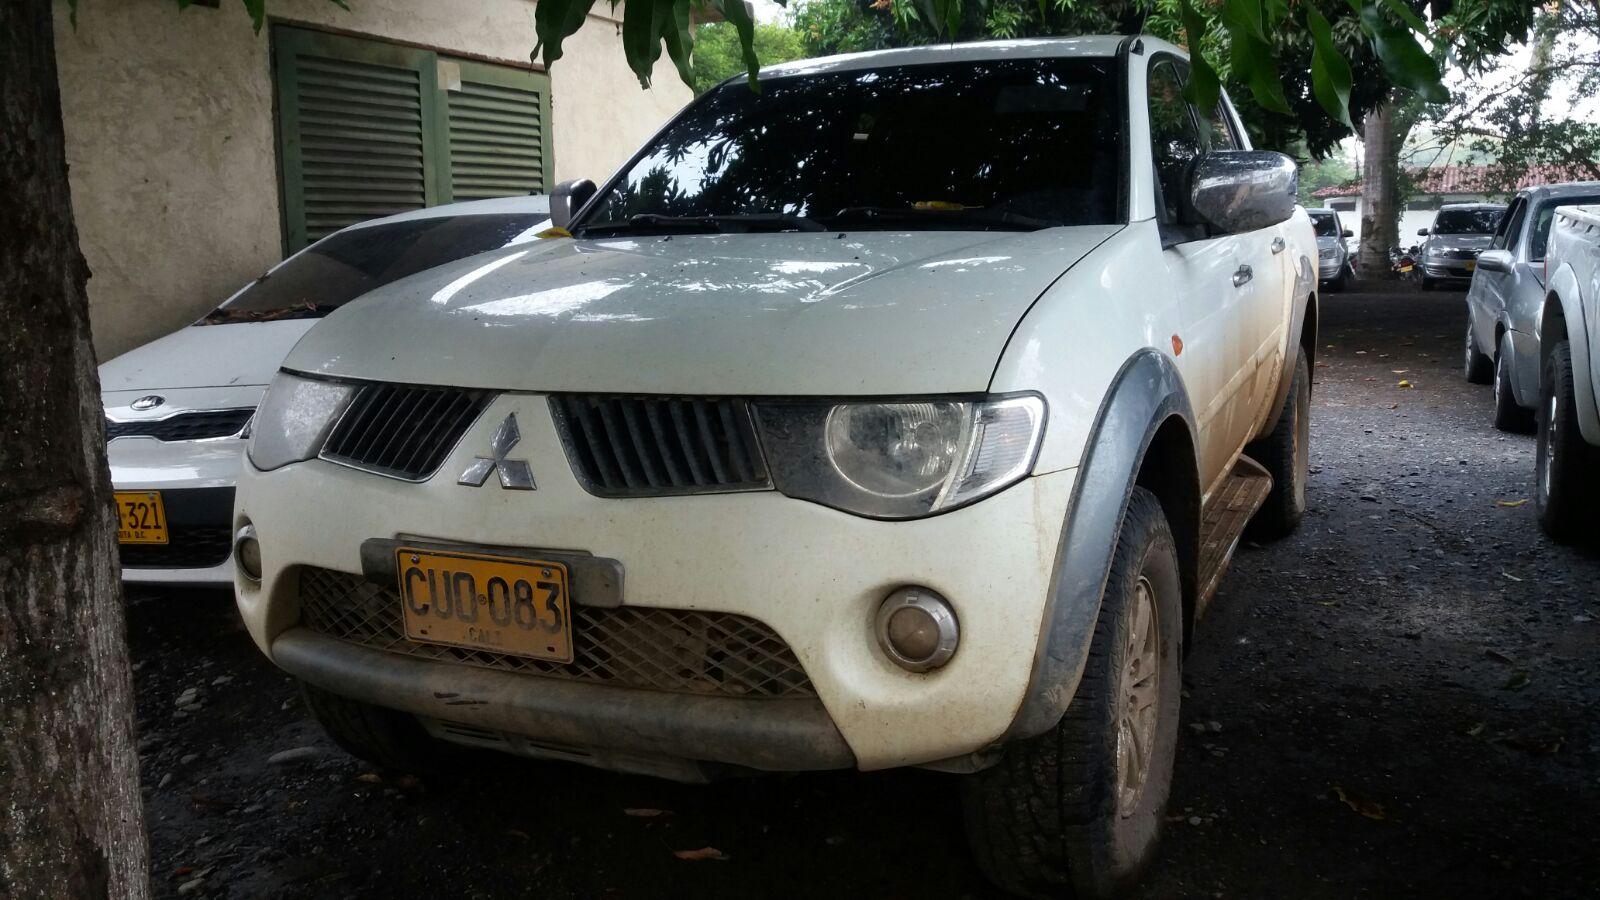 Niegan asesinato de propietario de camioneta que robó las Farc